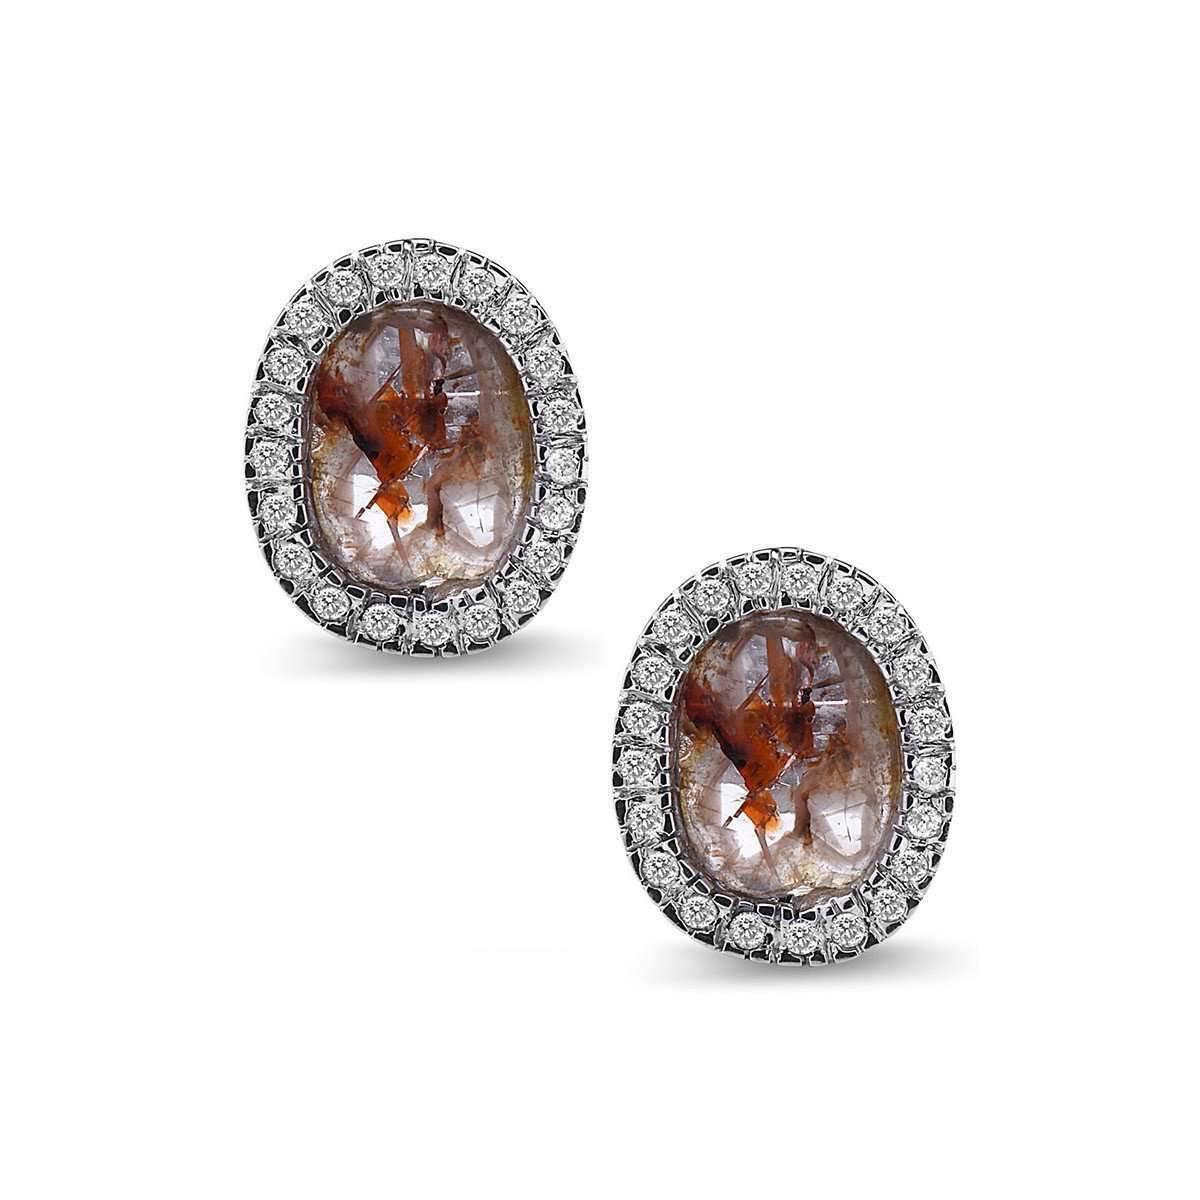 Socheec Drop Diamond Stud Earrings YNUF3XcjpB